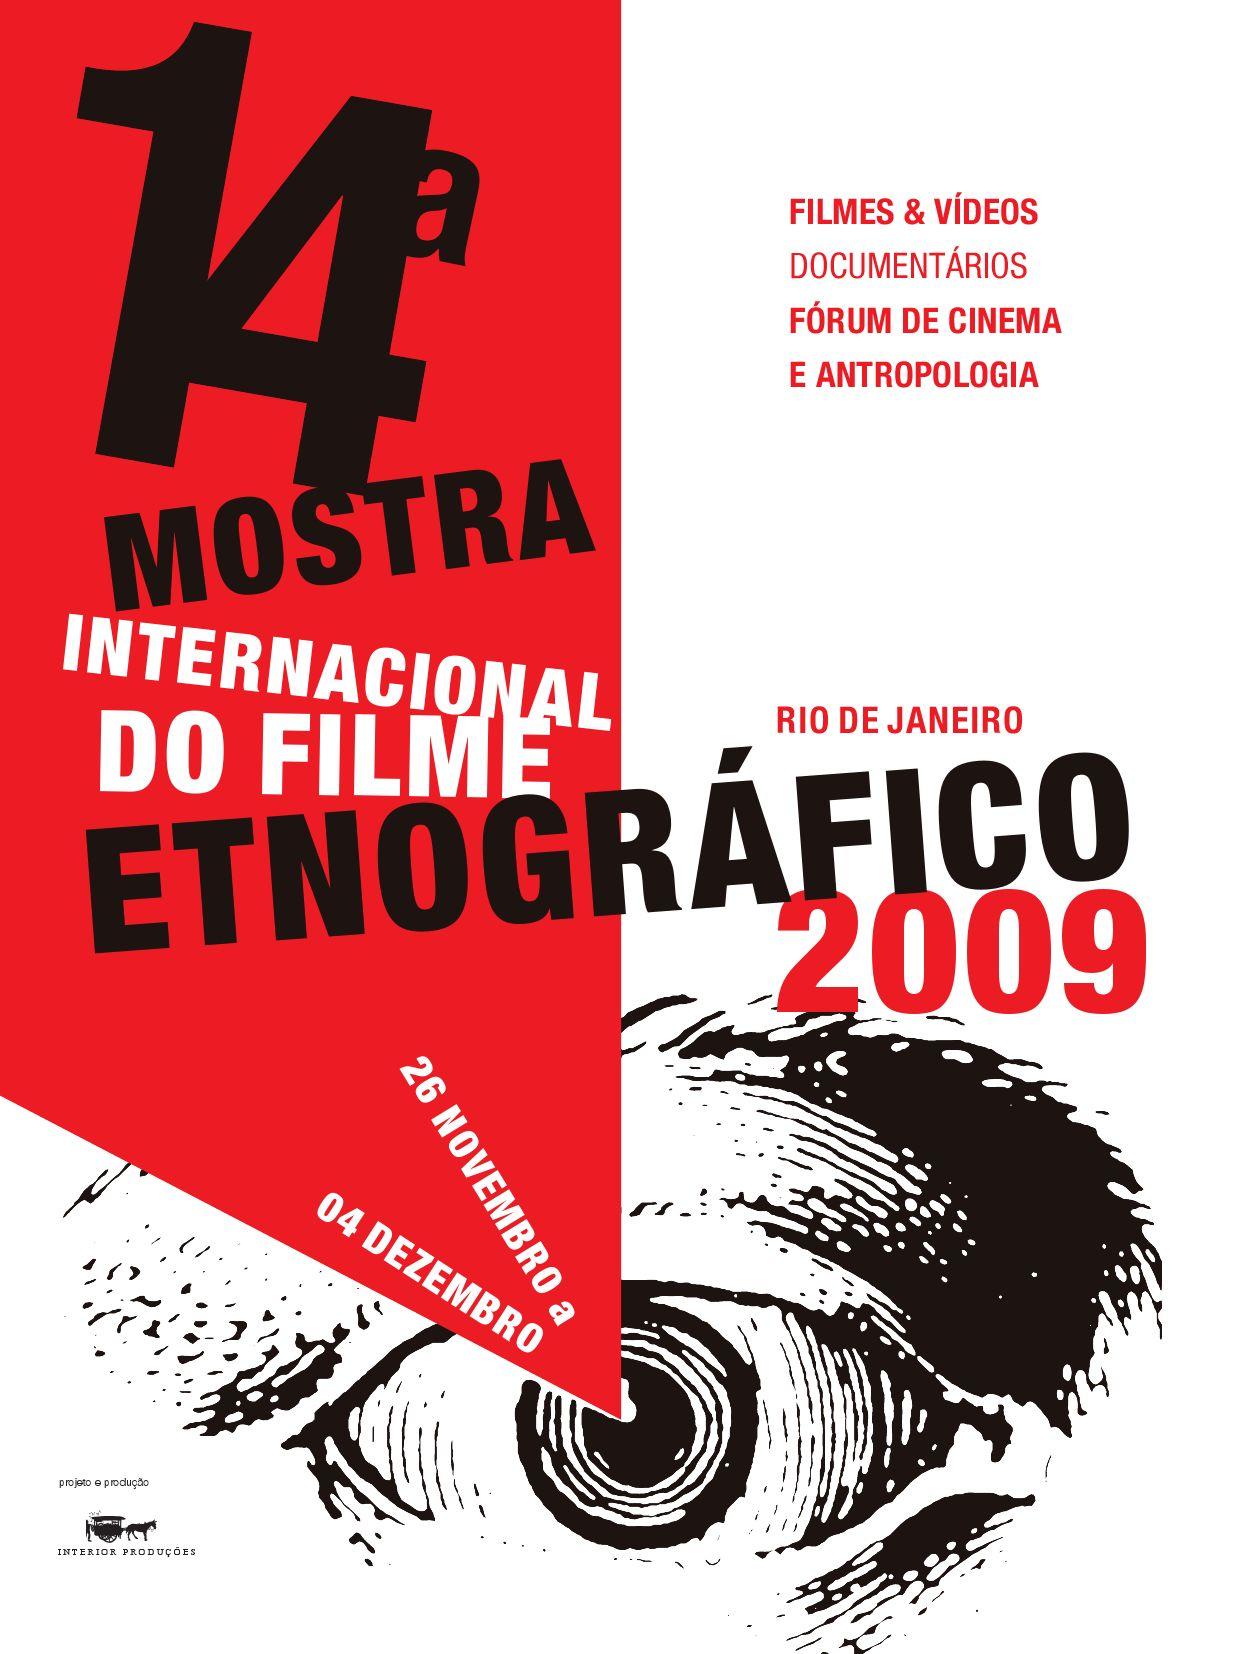 14 mostra internacional do filme etnografico by mostra etnografica 14 mostra internacional do filme etnografico by mostra etnografica issuu fandeluxe Choice Image